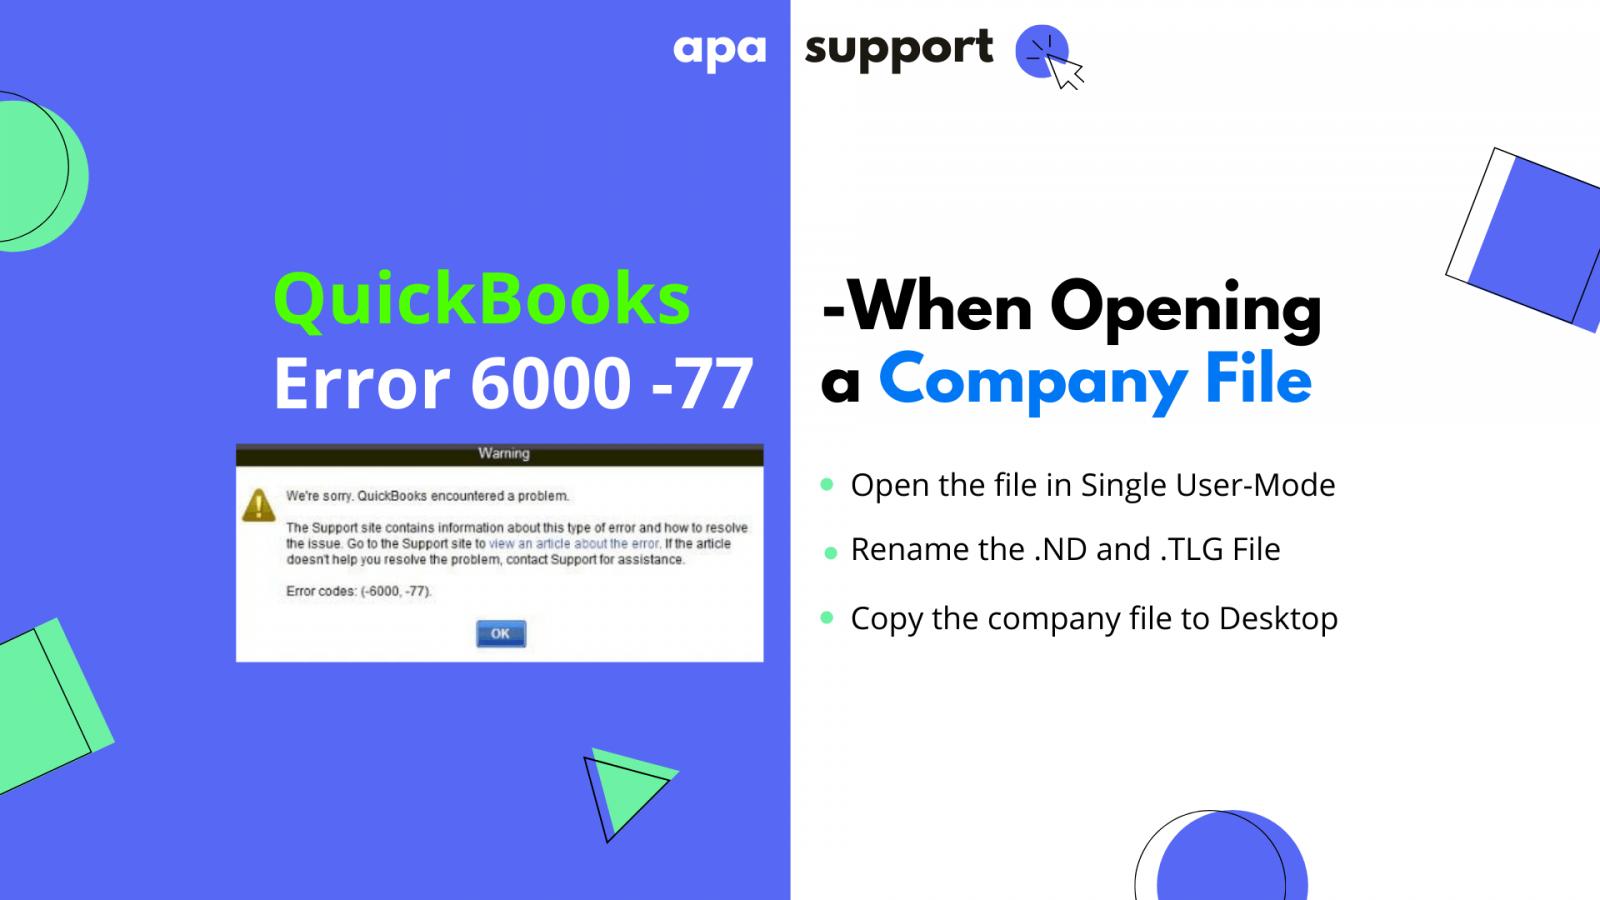 QuickBooks Error 6000-77